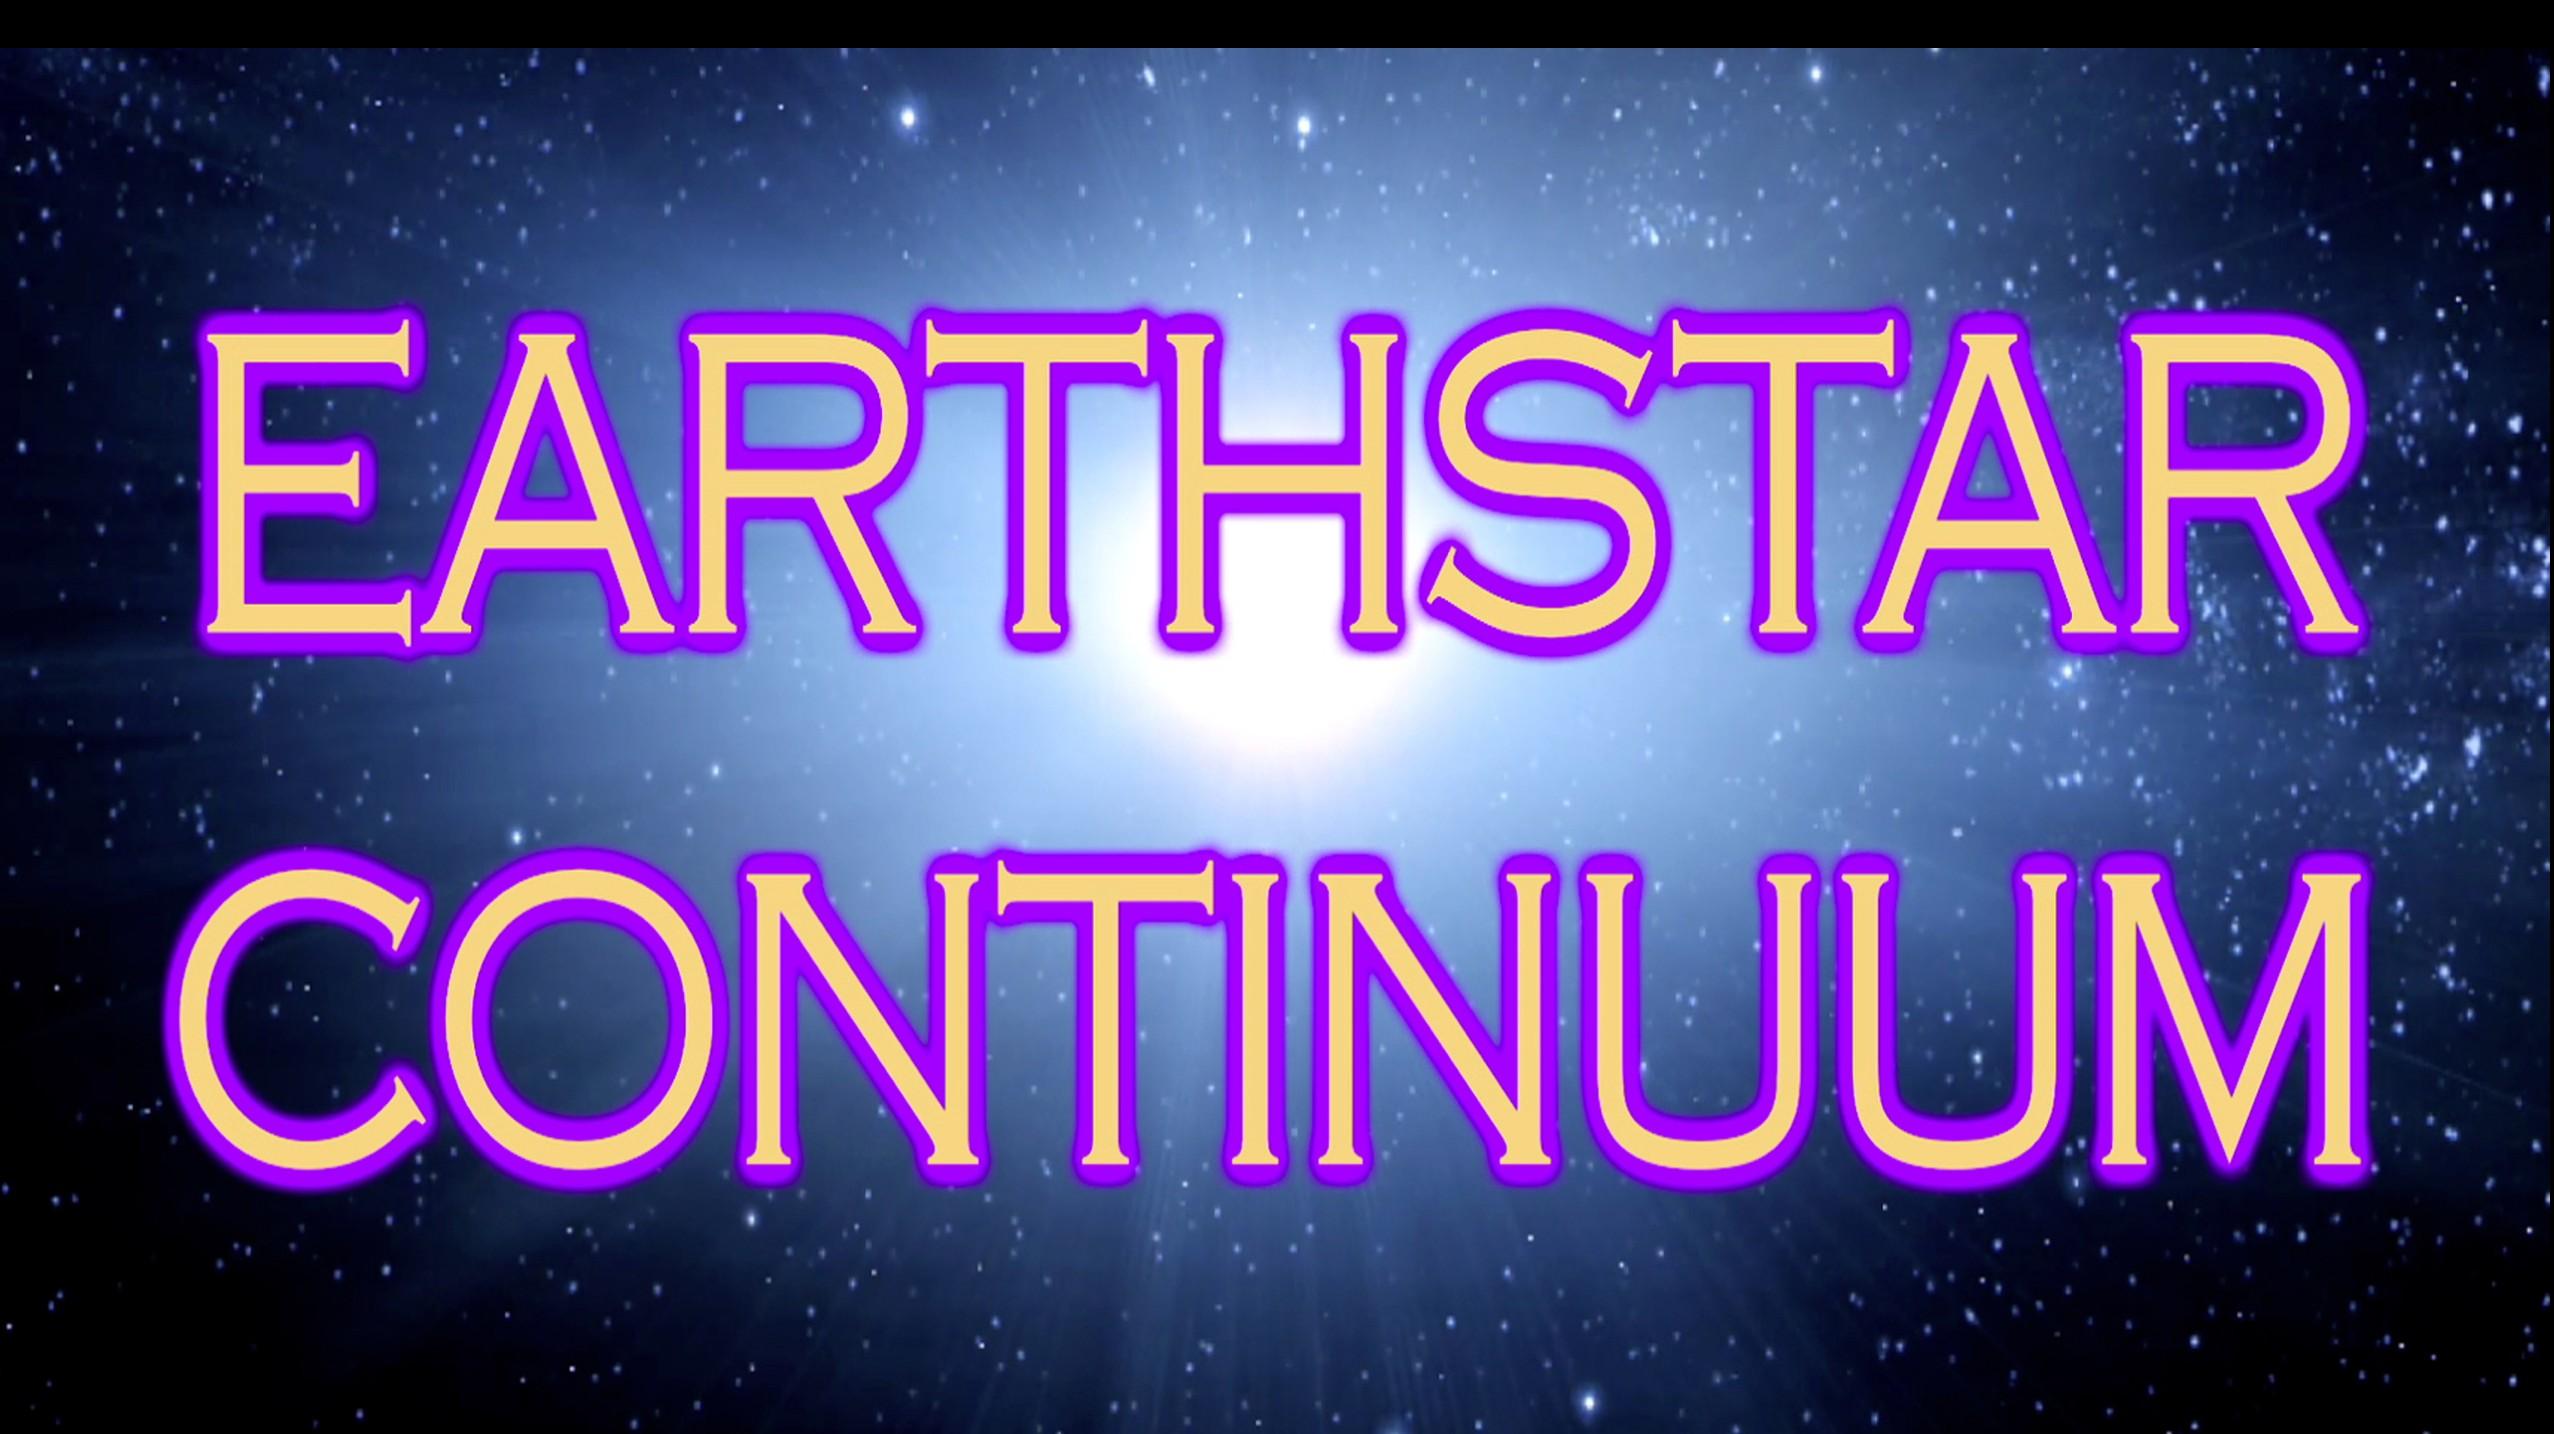 Earthstar Continuum